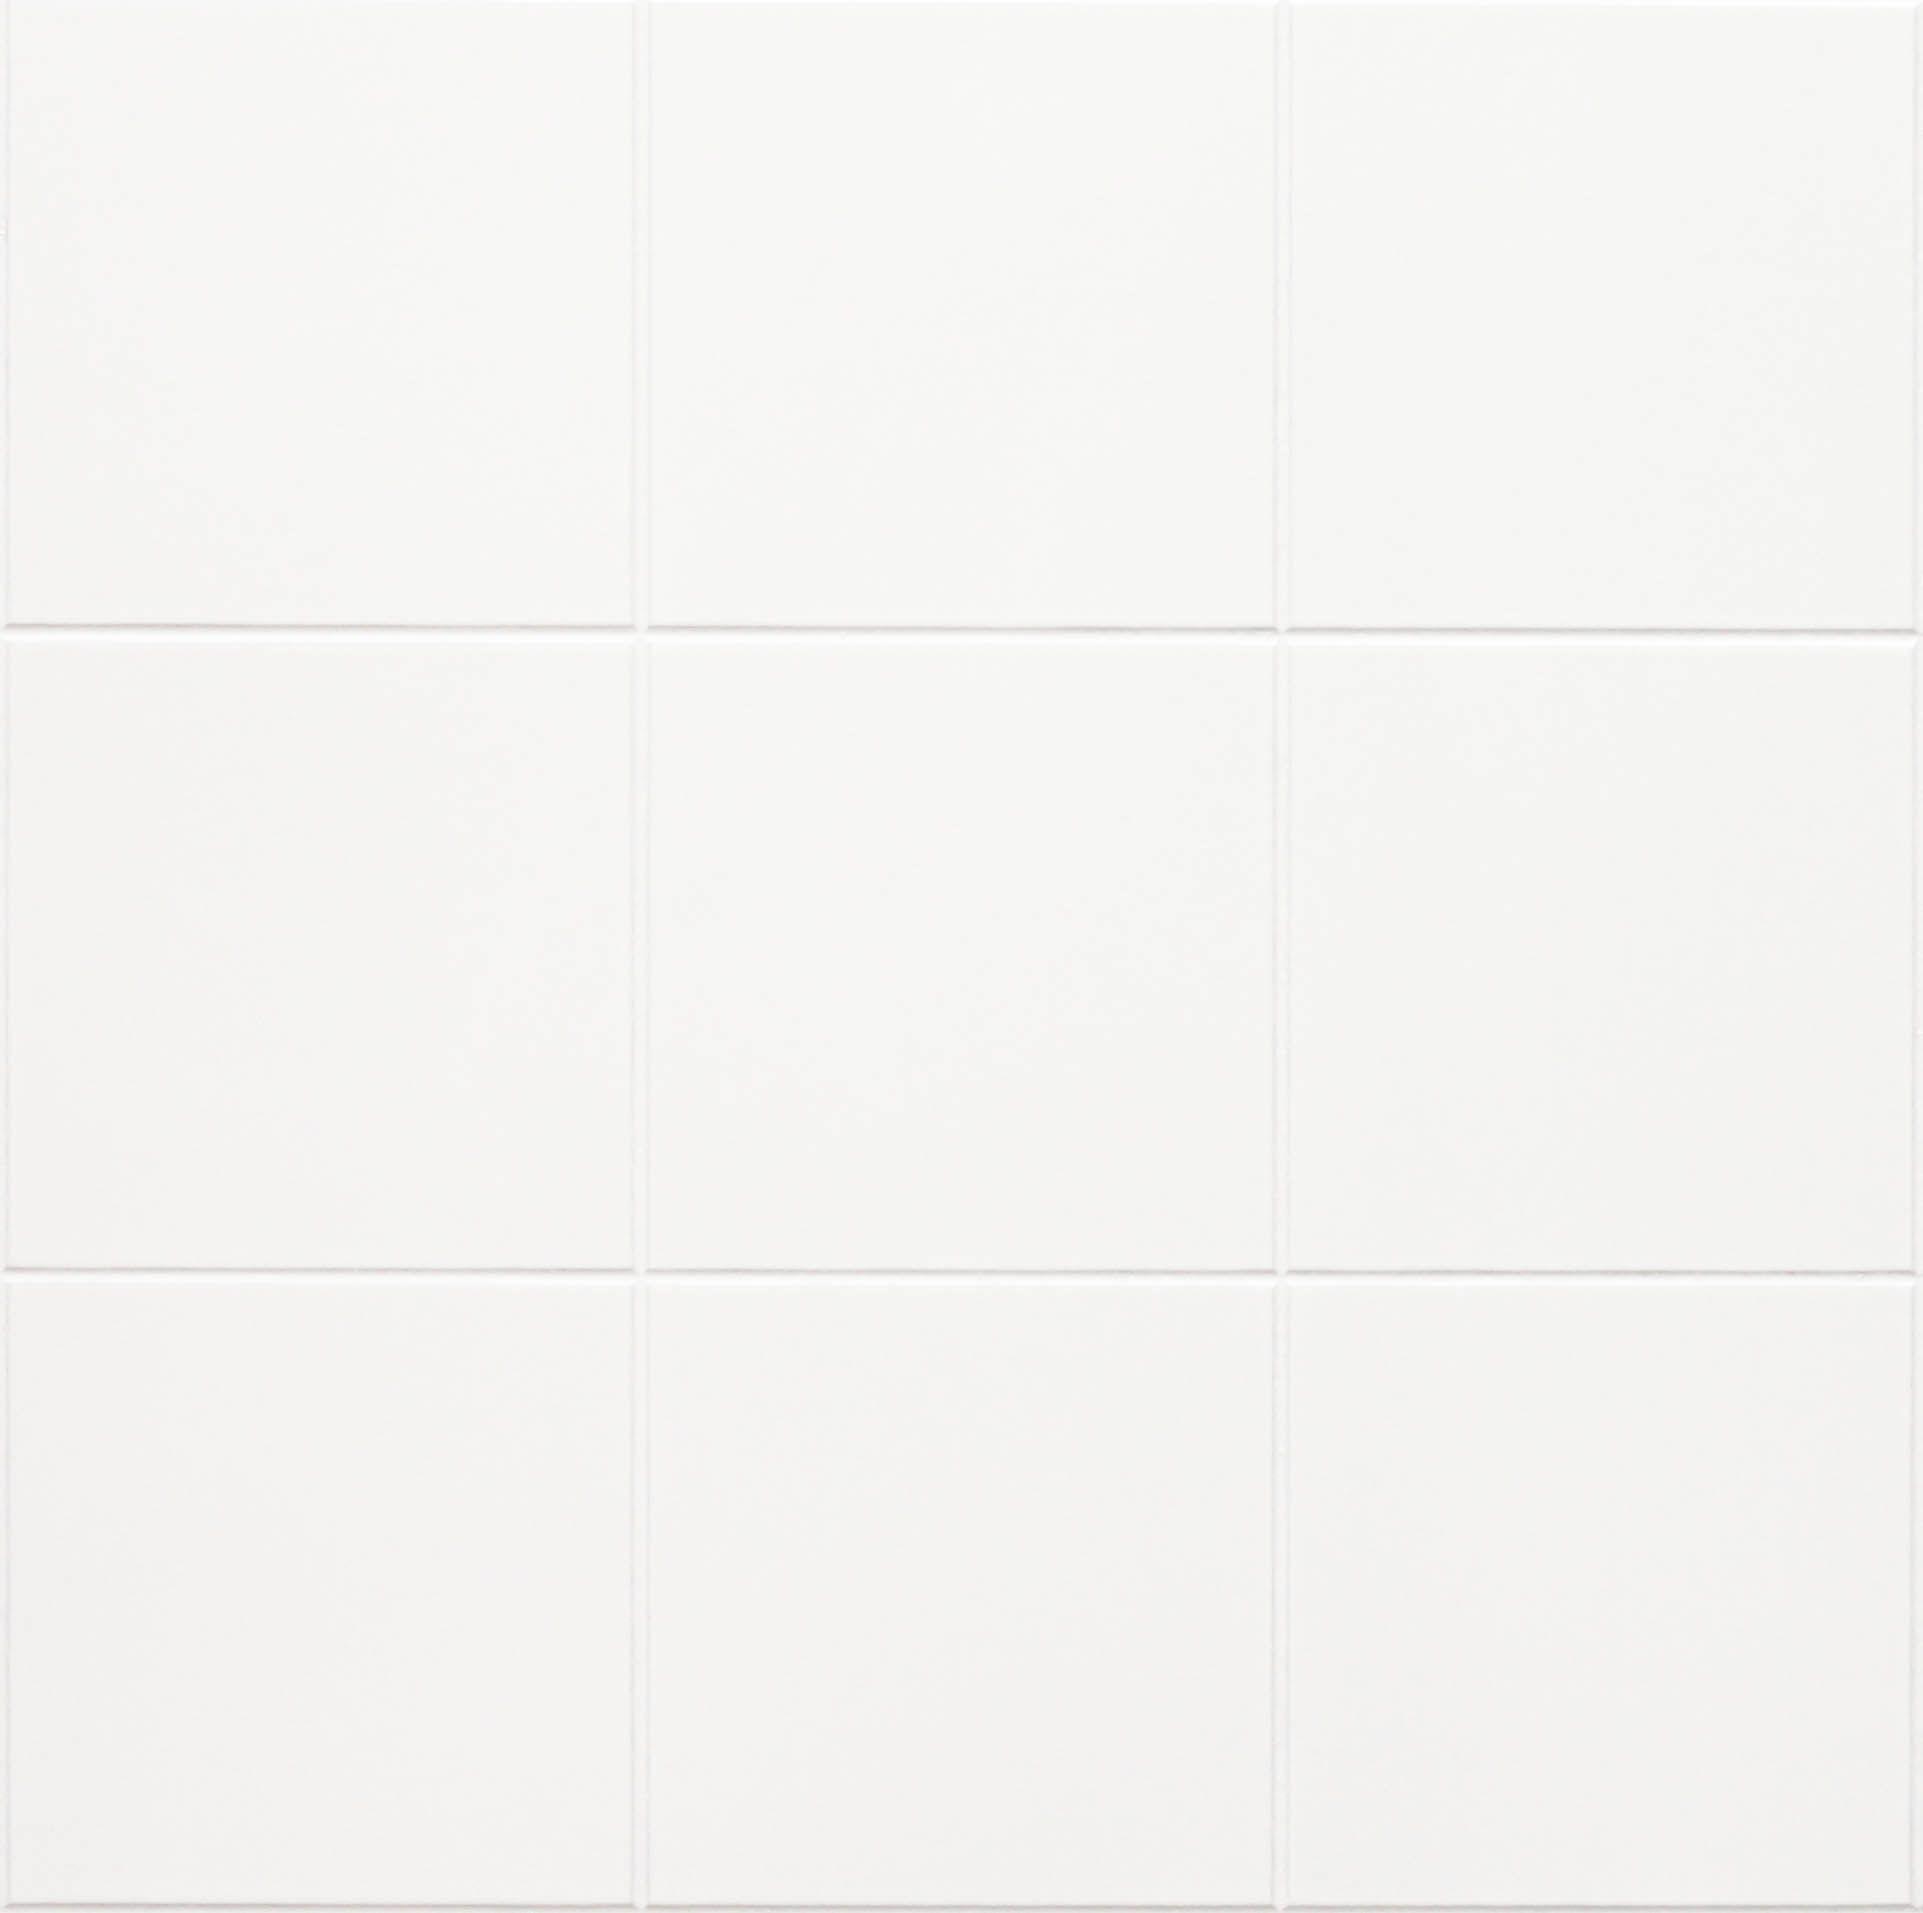 White Tile Wall Paneling 1 22mx2 44mx3mm 10cmx10cm Scored Grooved Tiles Fsc Cerified Eucatex